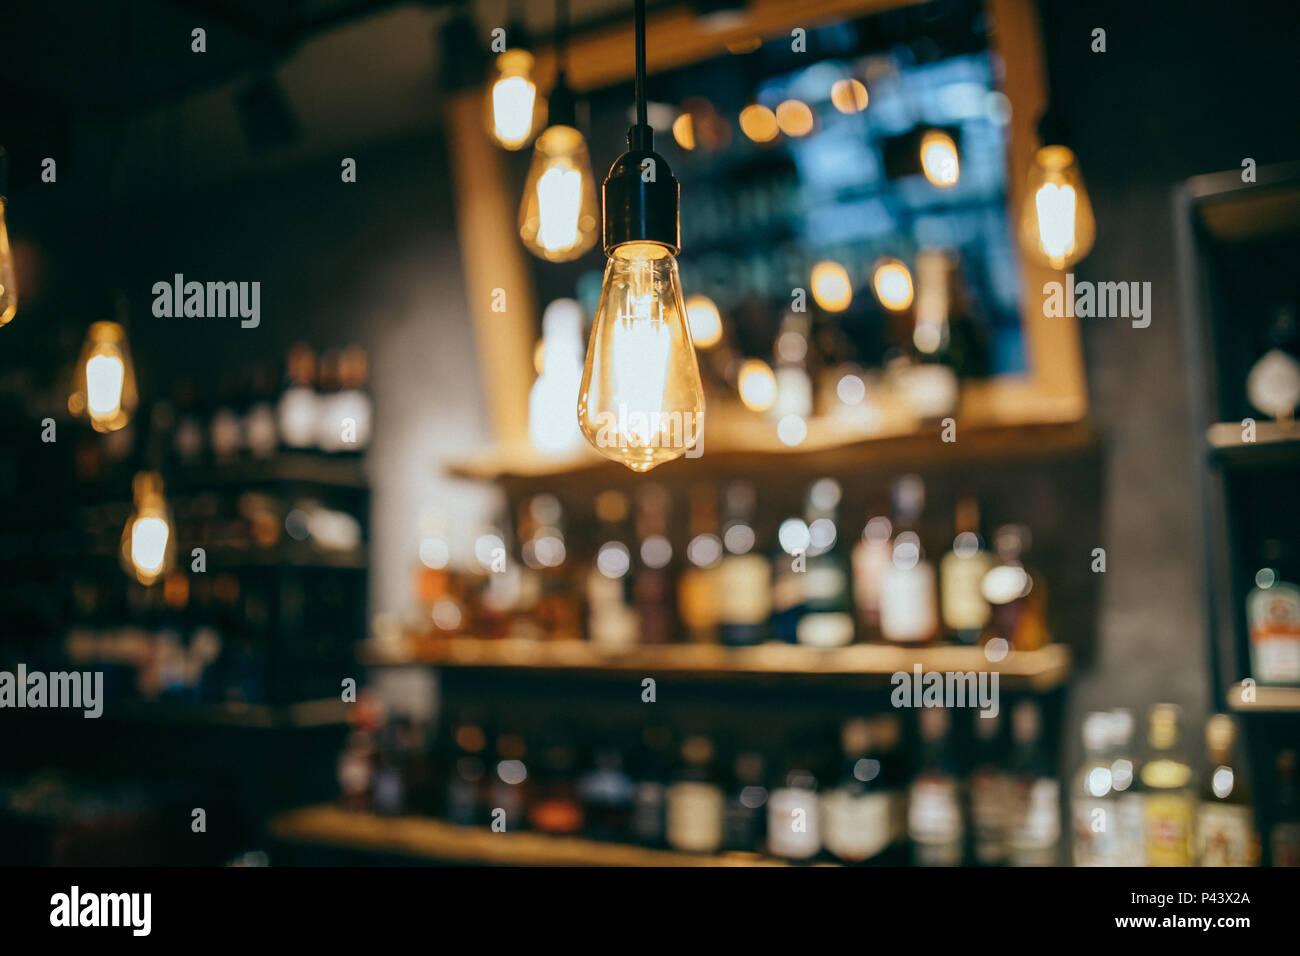 Lusso vintage illuminazione interna decor vecchio vintage